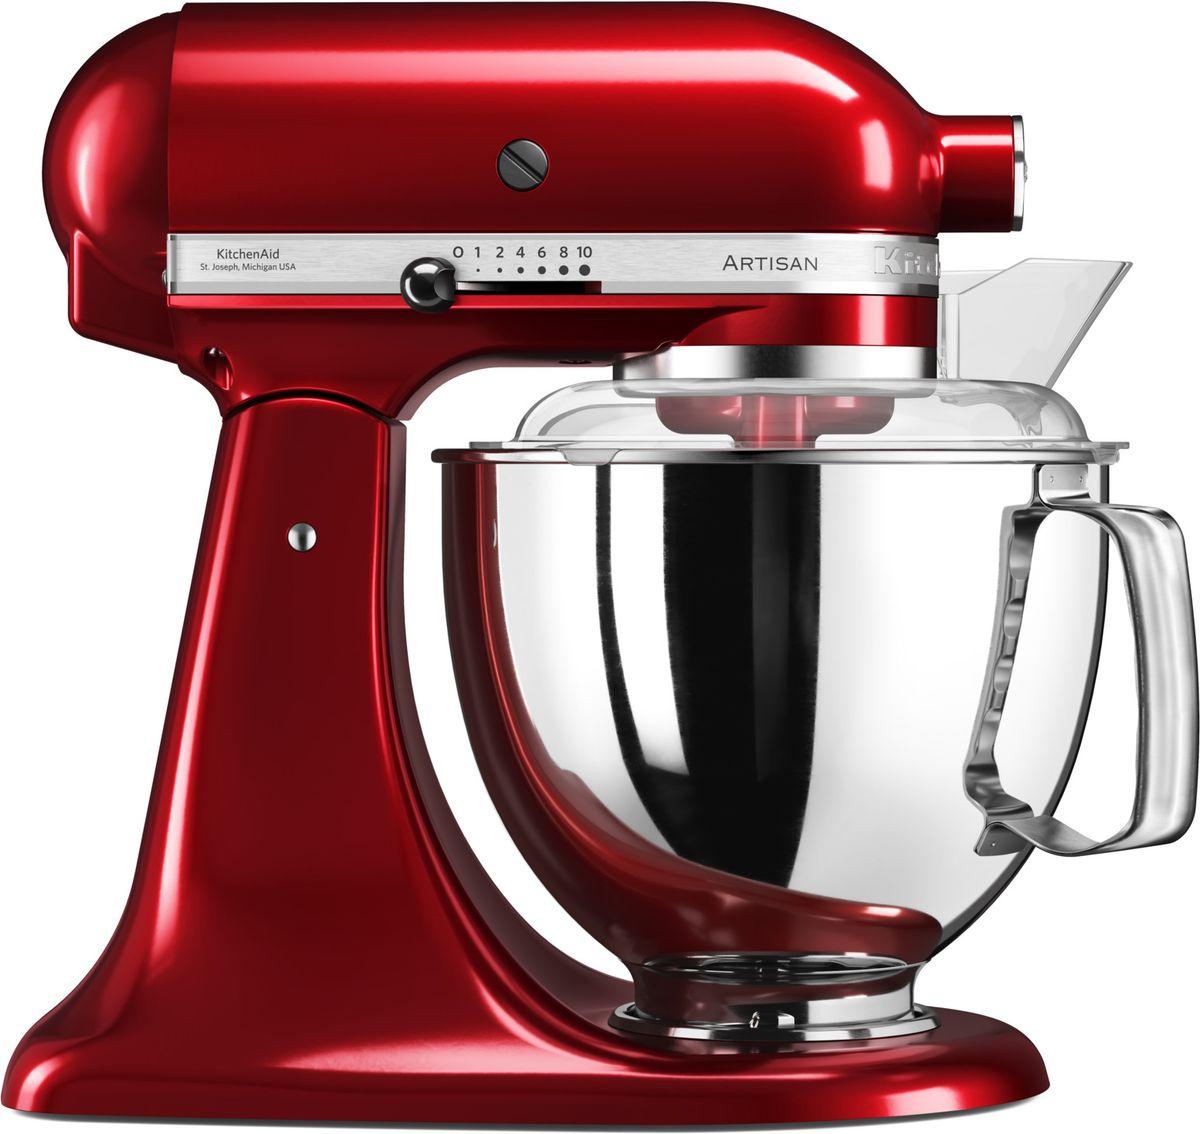 KitchenAid Artisan, Red миксер планетарный (5KSM175PSECA)5KSM175PSECAМиксер KitchenAid Artisan - это уникальное многофункциональное устройство, практически не имеющее аналогов на рынке техники для дома и кухни. Сочетание классического элегантного дизайна и высокой мощности, соответствующей стандартам профессионального оборудования, делает этот миксер фаворитом не только на домашней кухне, но и на рабочем столе мастеров поварского искусства. Откидывающаяся головка миксера KitchenAid Artisan позволяет легко менять насадки и устанавливать чашу. Миксер имеет 10 скоростных режимов, от медленного смешивания до высокоскоростного взбивания. Базовая комплектация миксера включает: чашу объемом 4,83 литра, крюк для теста, венчик для взбивания, насадку- лопатку для перемешивания, крышку для чаши и защитный обод с воронкой для засыпания продуктов. Этого набора достаточно, чтобы миксер успешно выполнял базовые функции. В передней части привода миксера KitchenAid имеется еще одно гнездо для подсоединения дополнительных насадок....